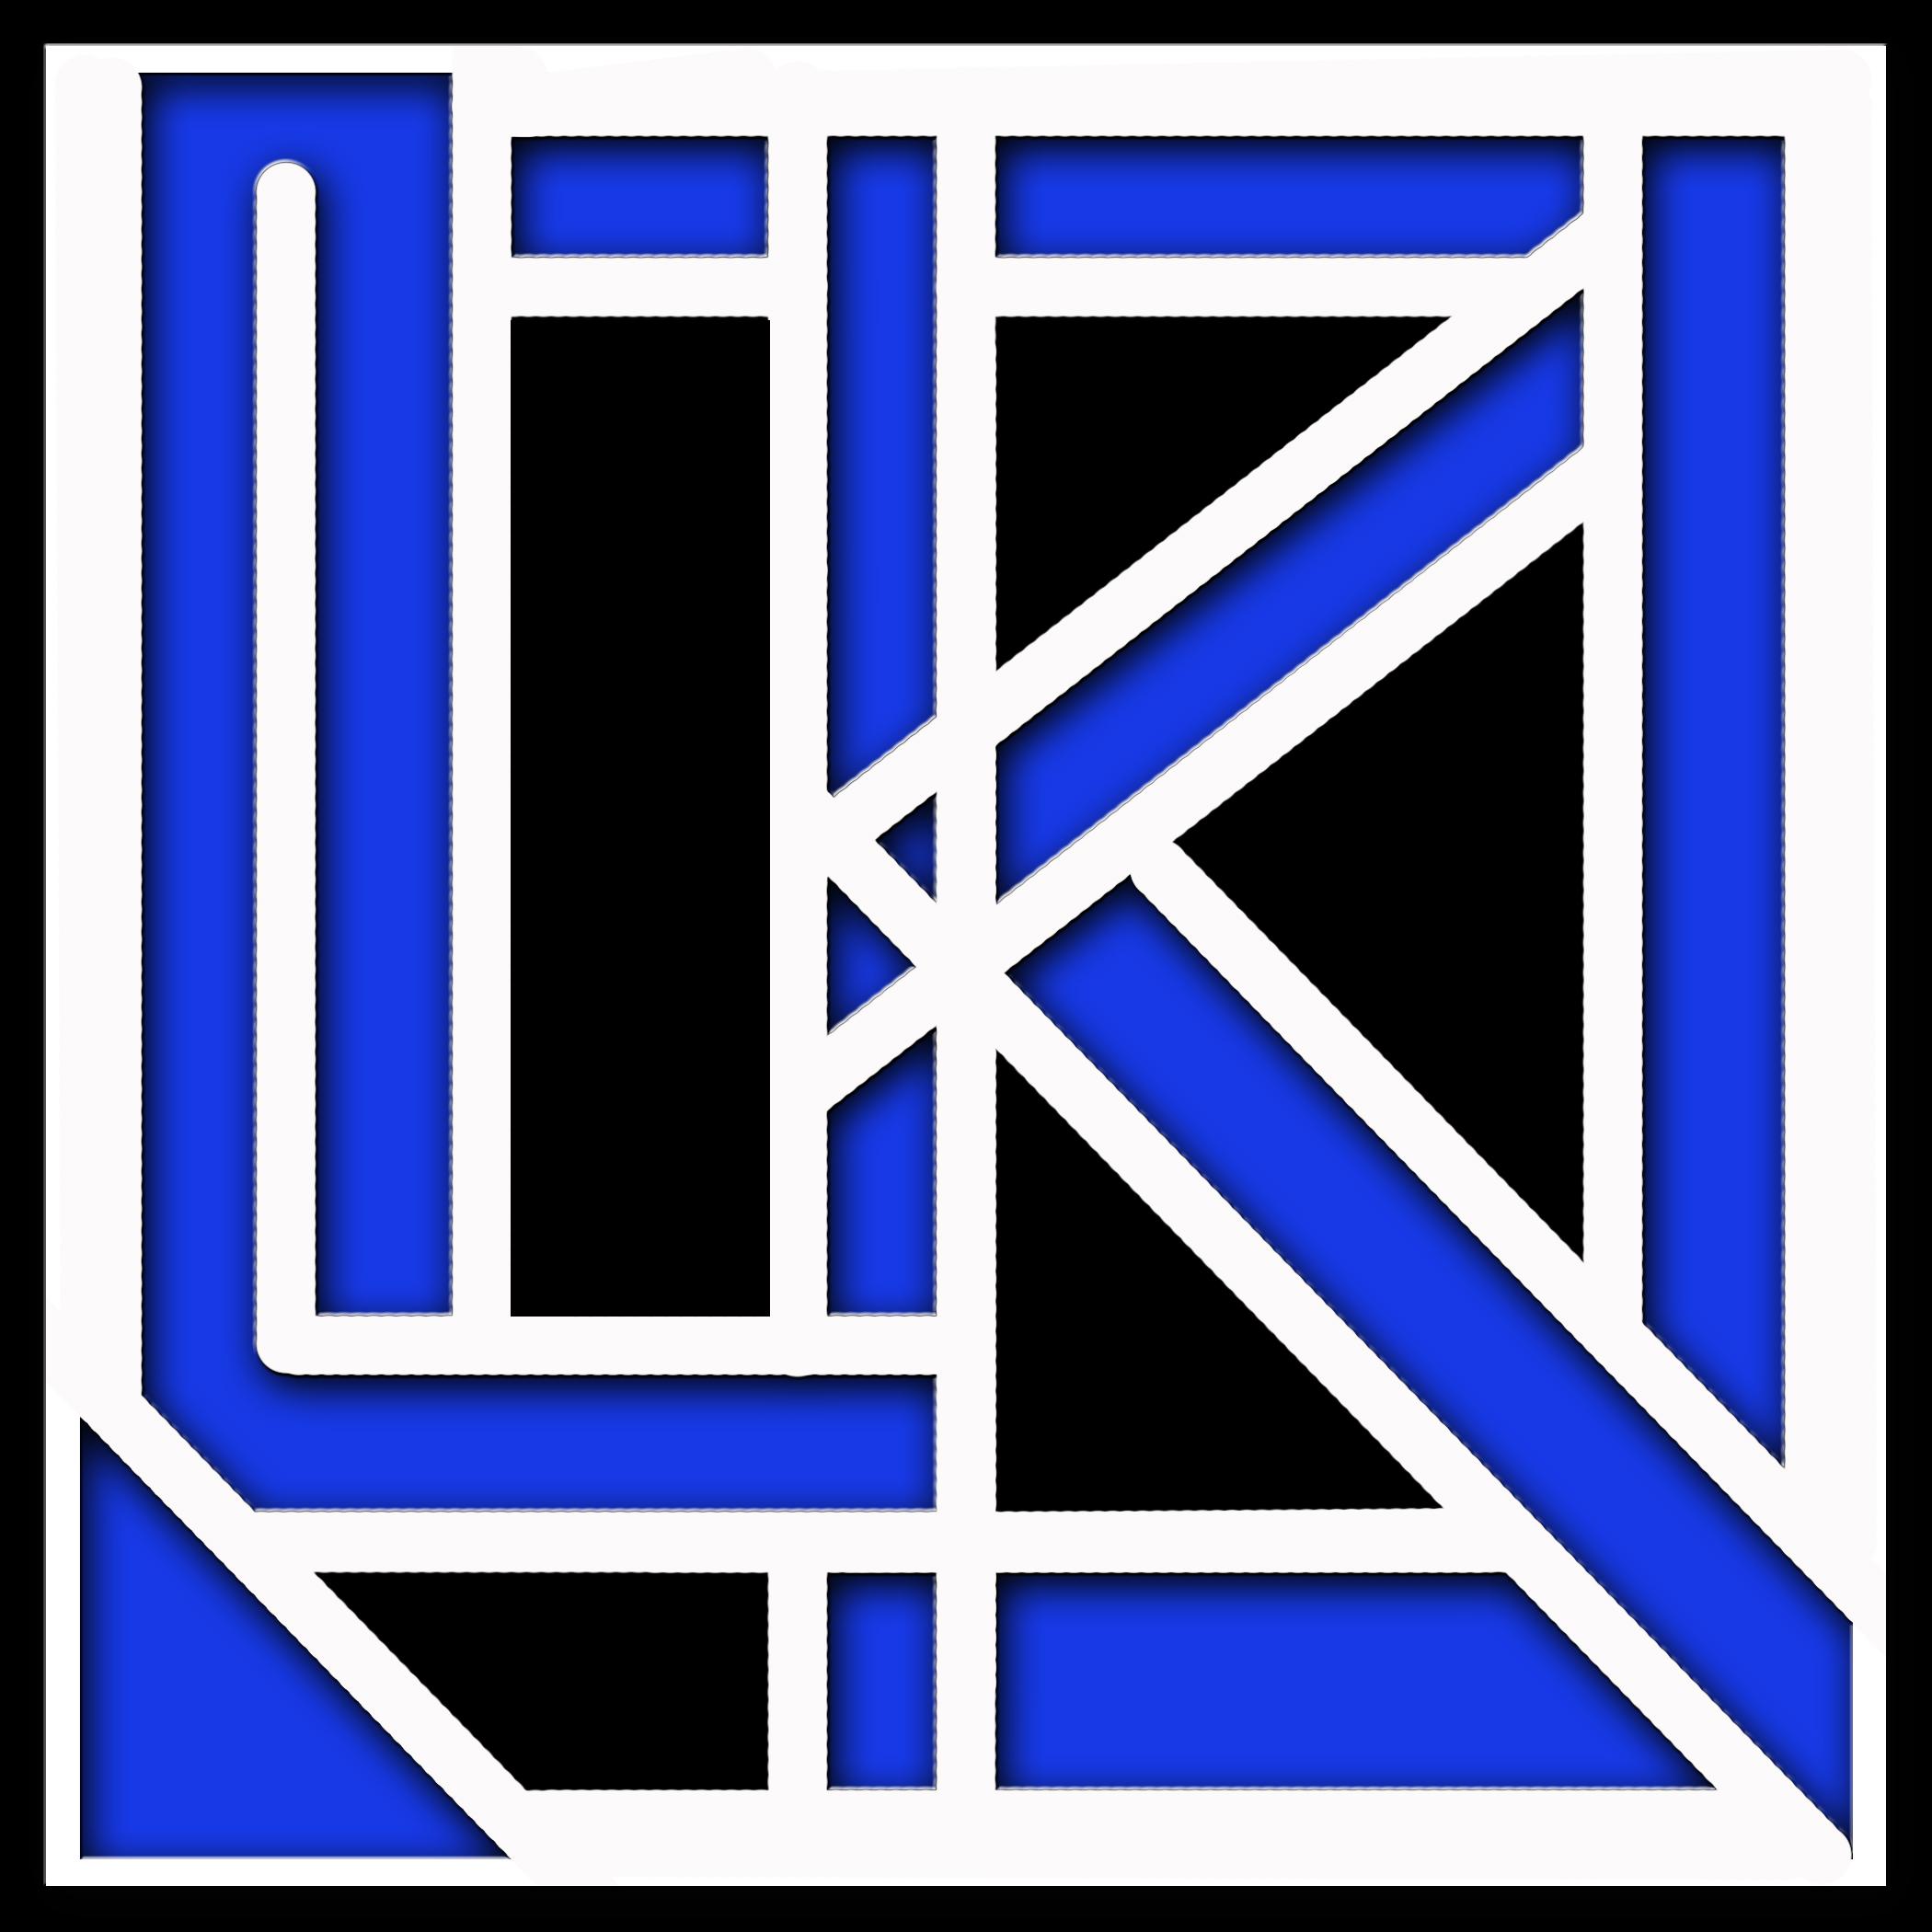 LK_logo_5